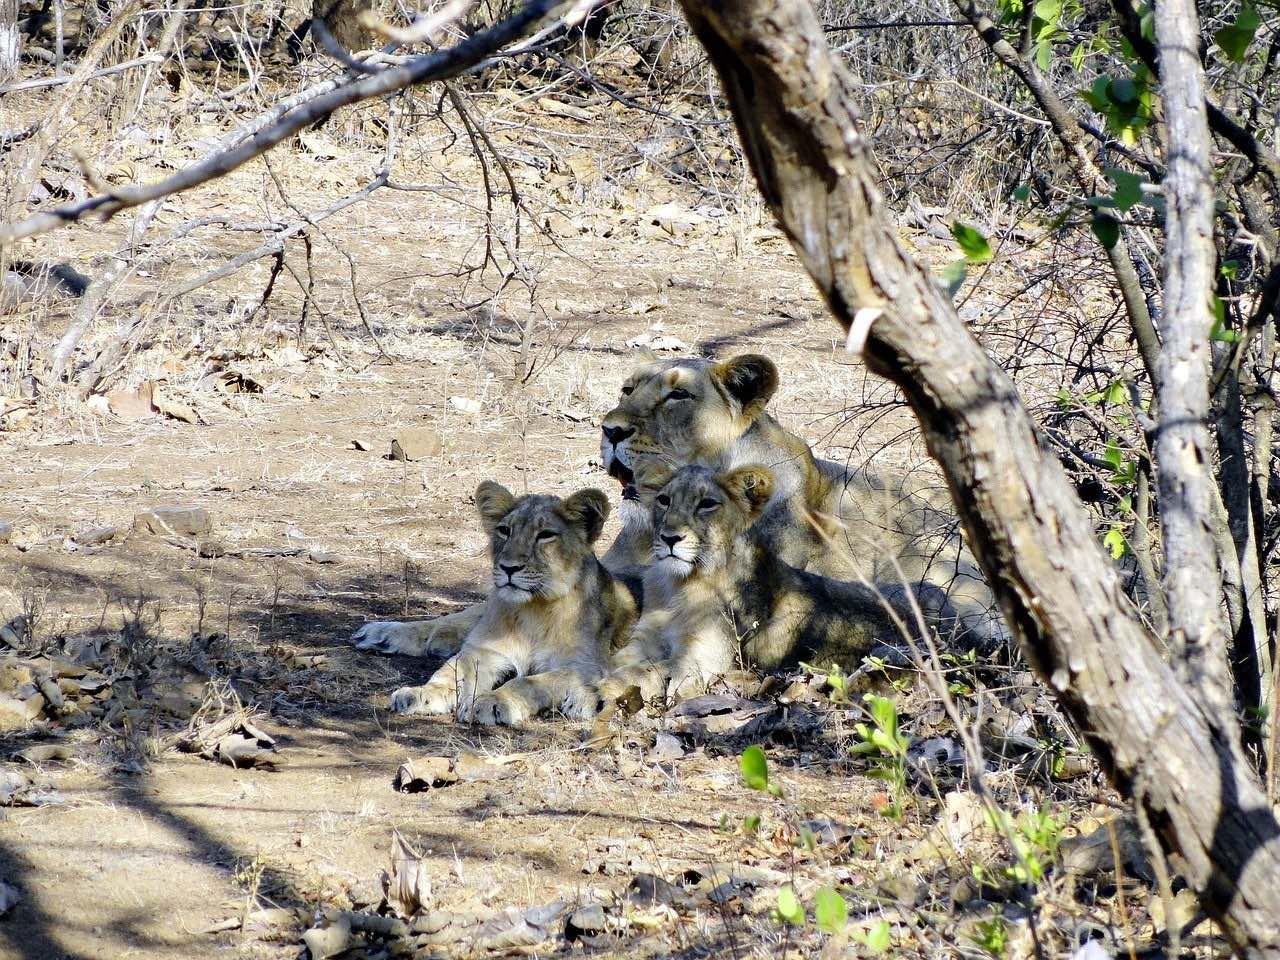 Indian Lion_National Park Safari_India_PD